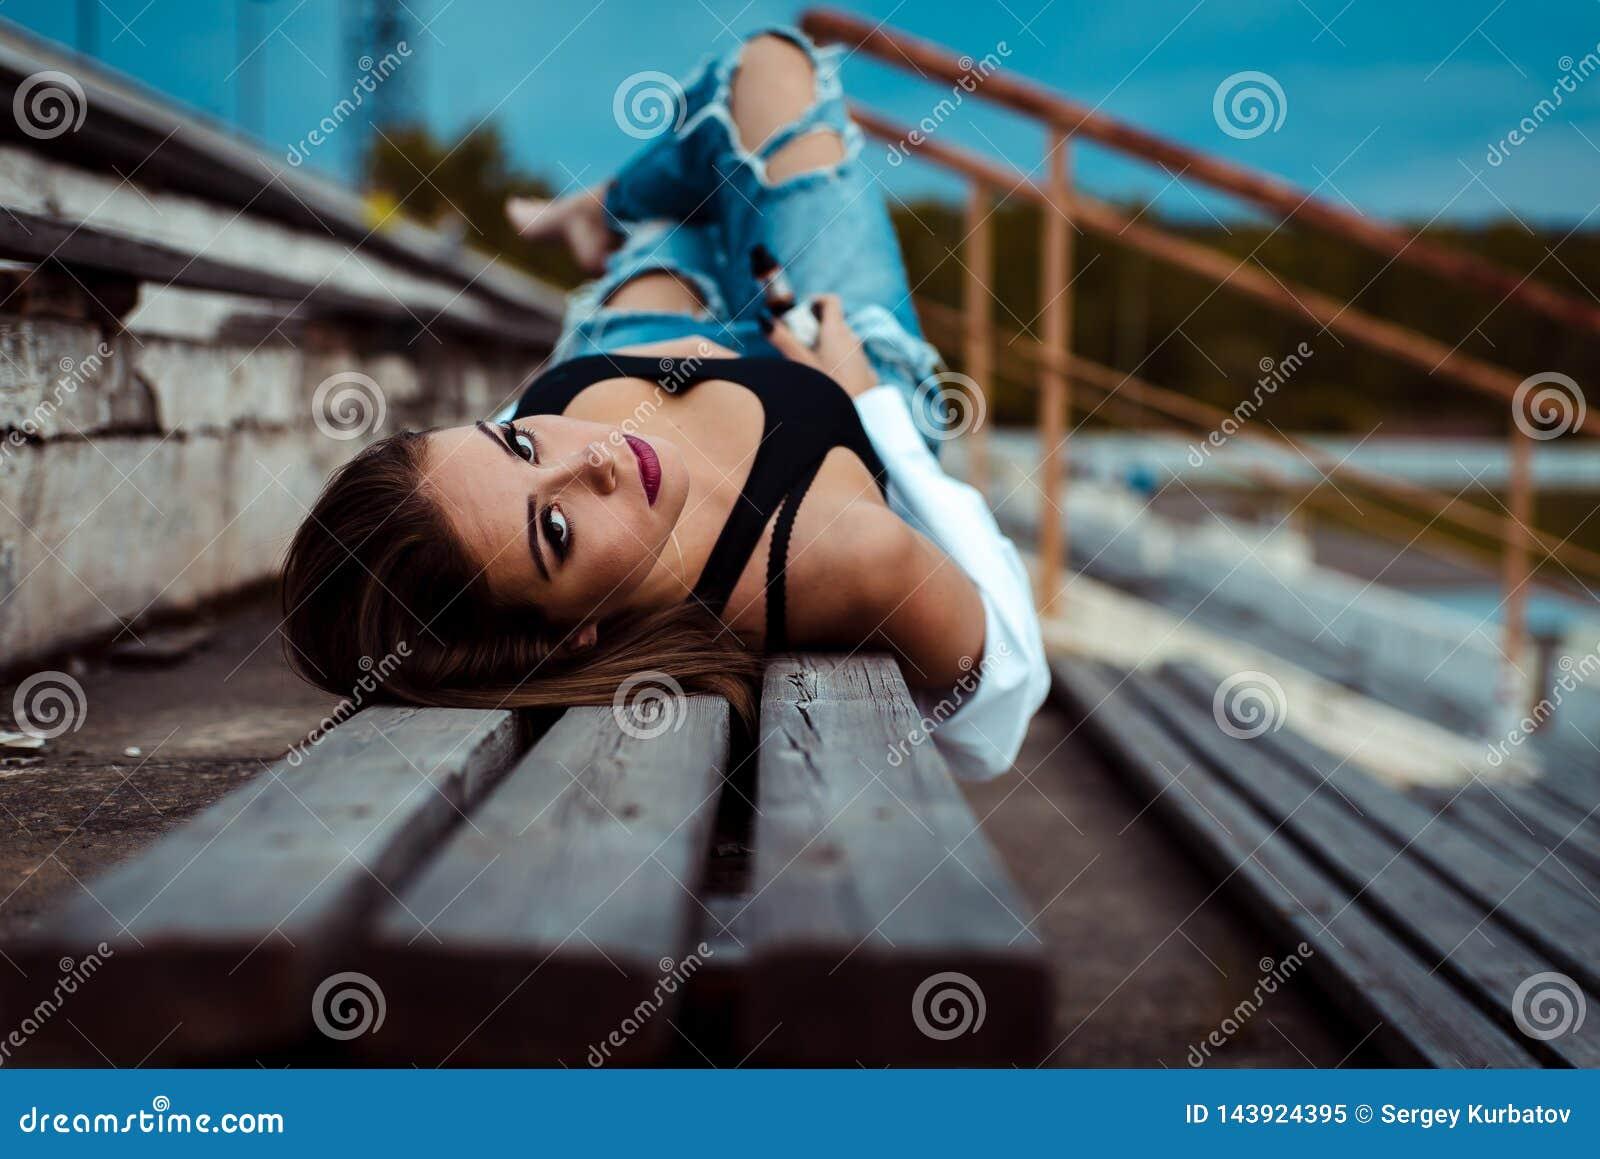 La mujer atractiva joven miente en un banco de madera Ella está tomando la rotura después de entrenamiento en gimnasio outdoor